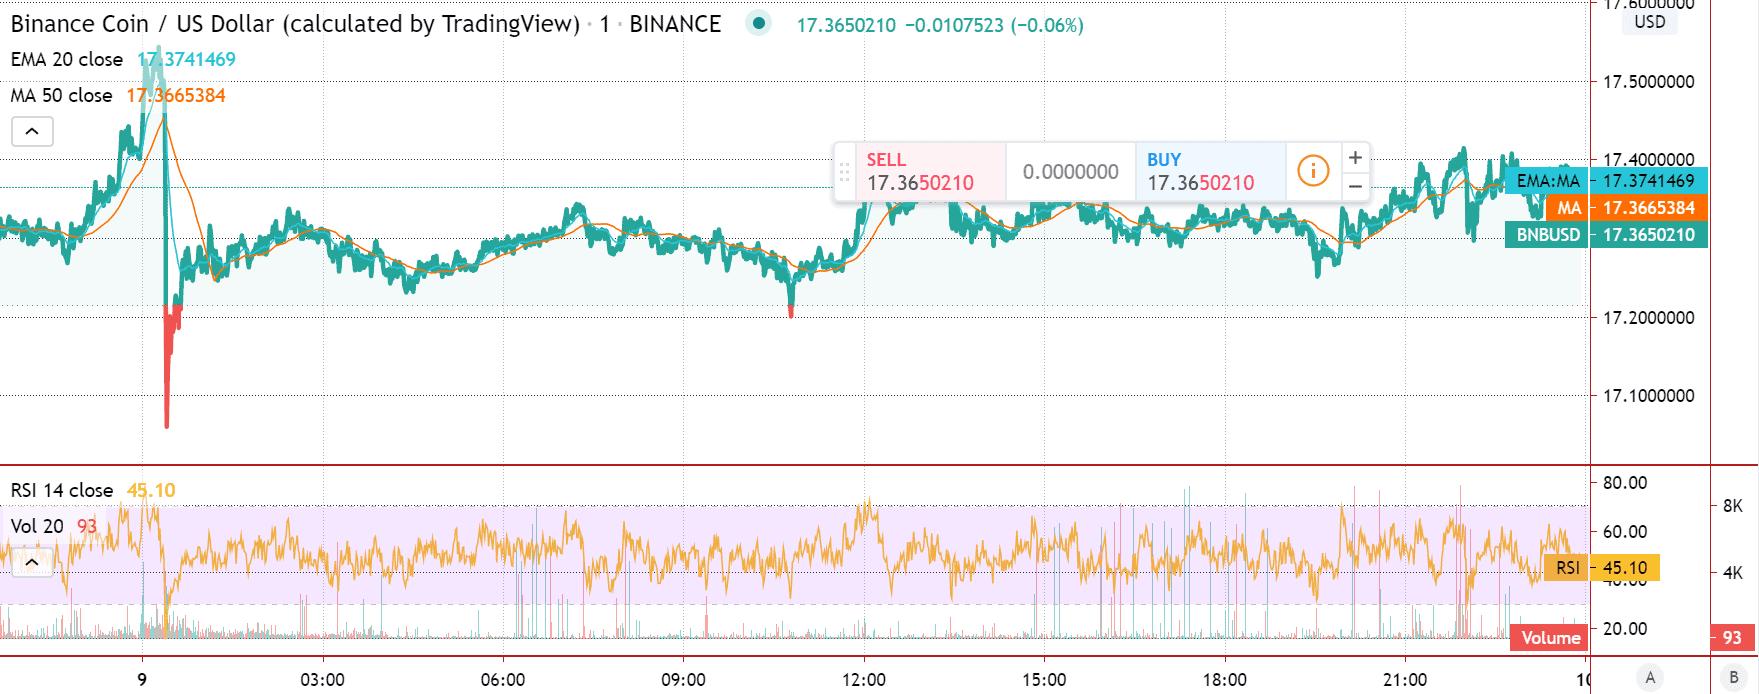 Binance Coin price chart 3 - Jun9